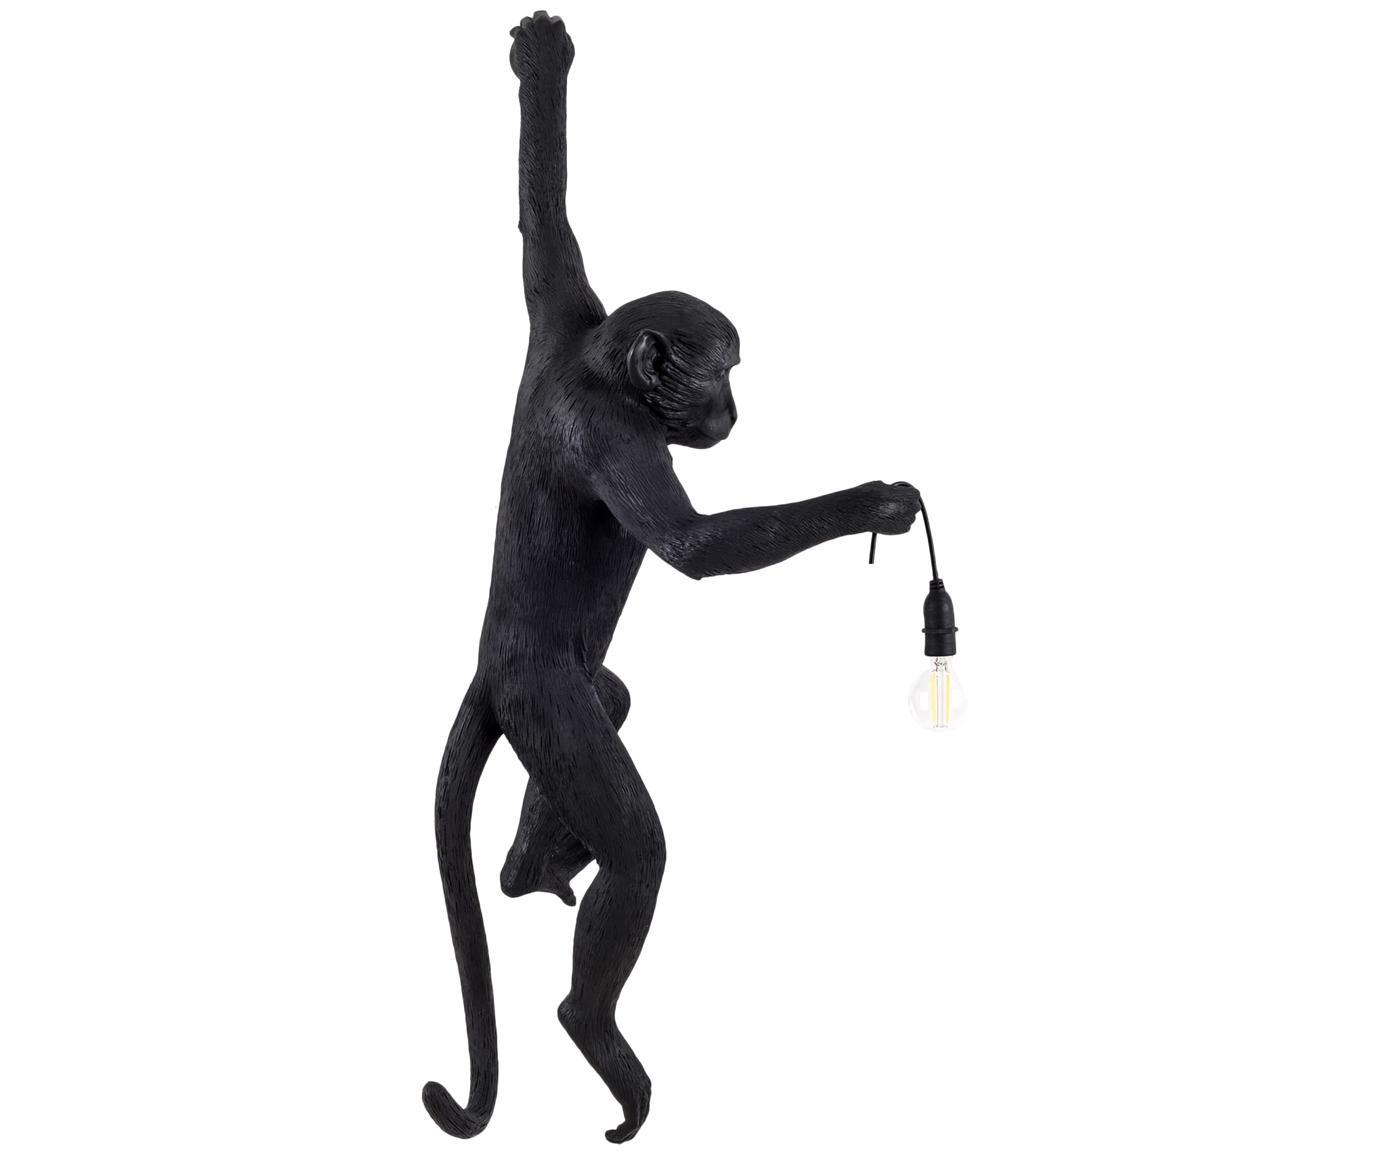 Außen-Wandleuchte Monkey, Kunstharz, Schwarz, 77 x 37 cm